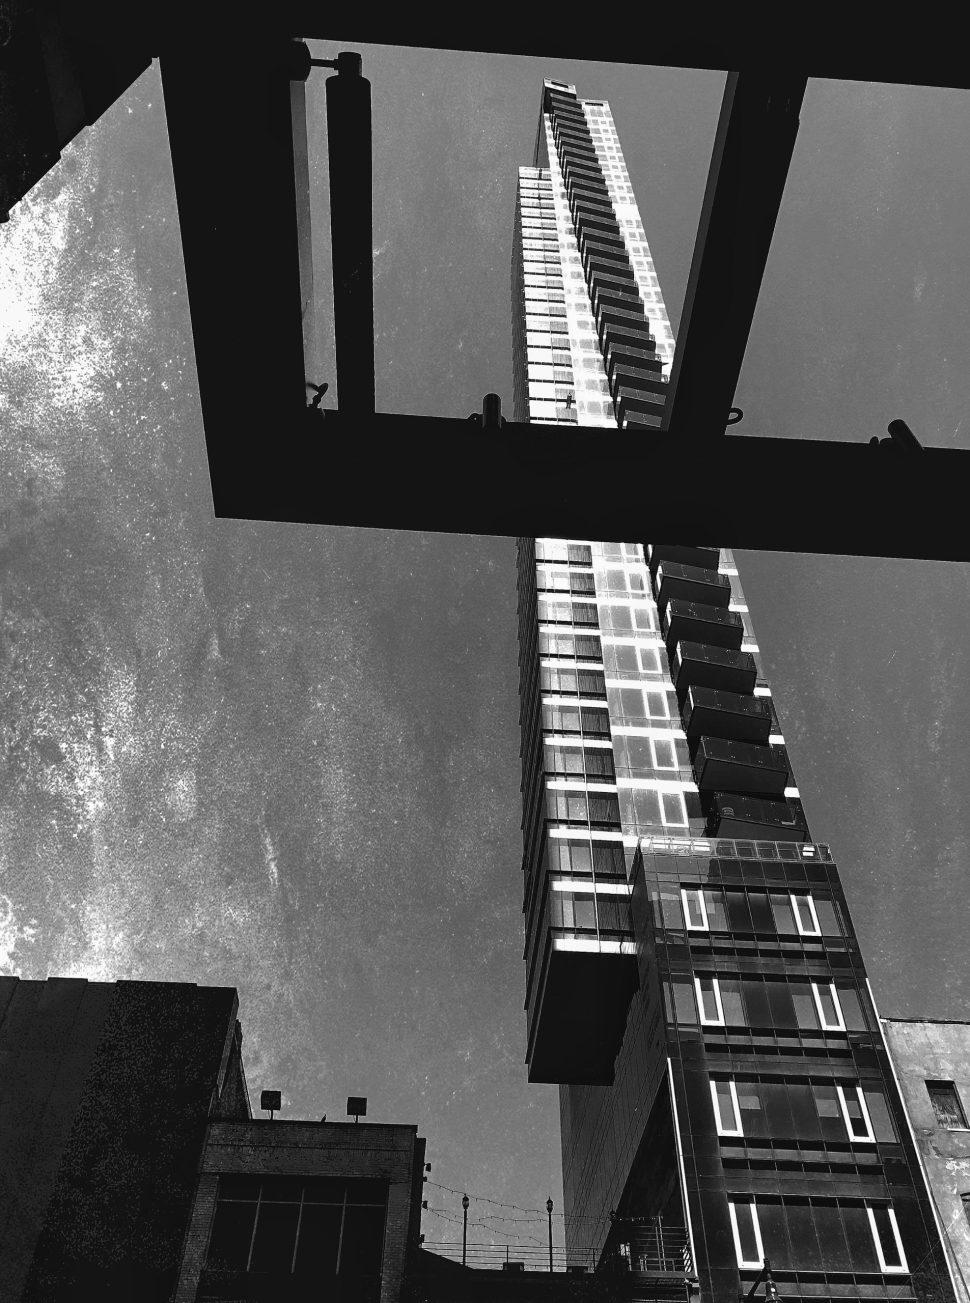 785 8th Avenue. Photo by Rick Stachura. May 19, 2017.